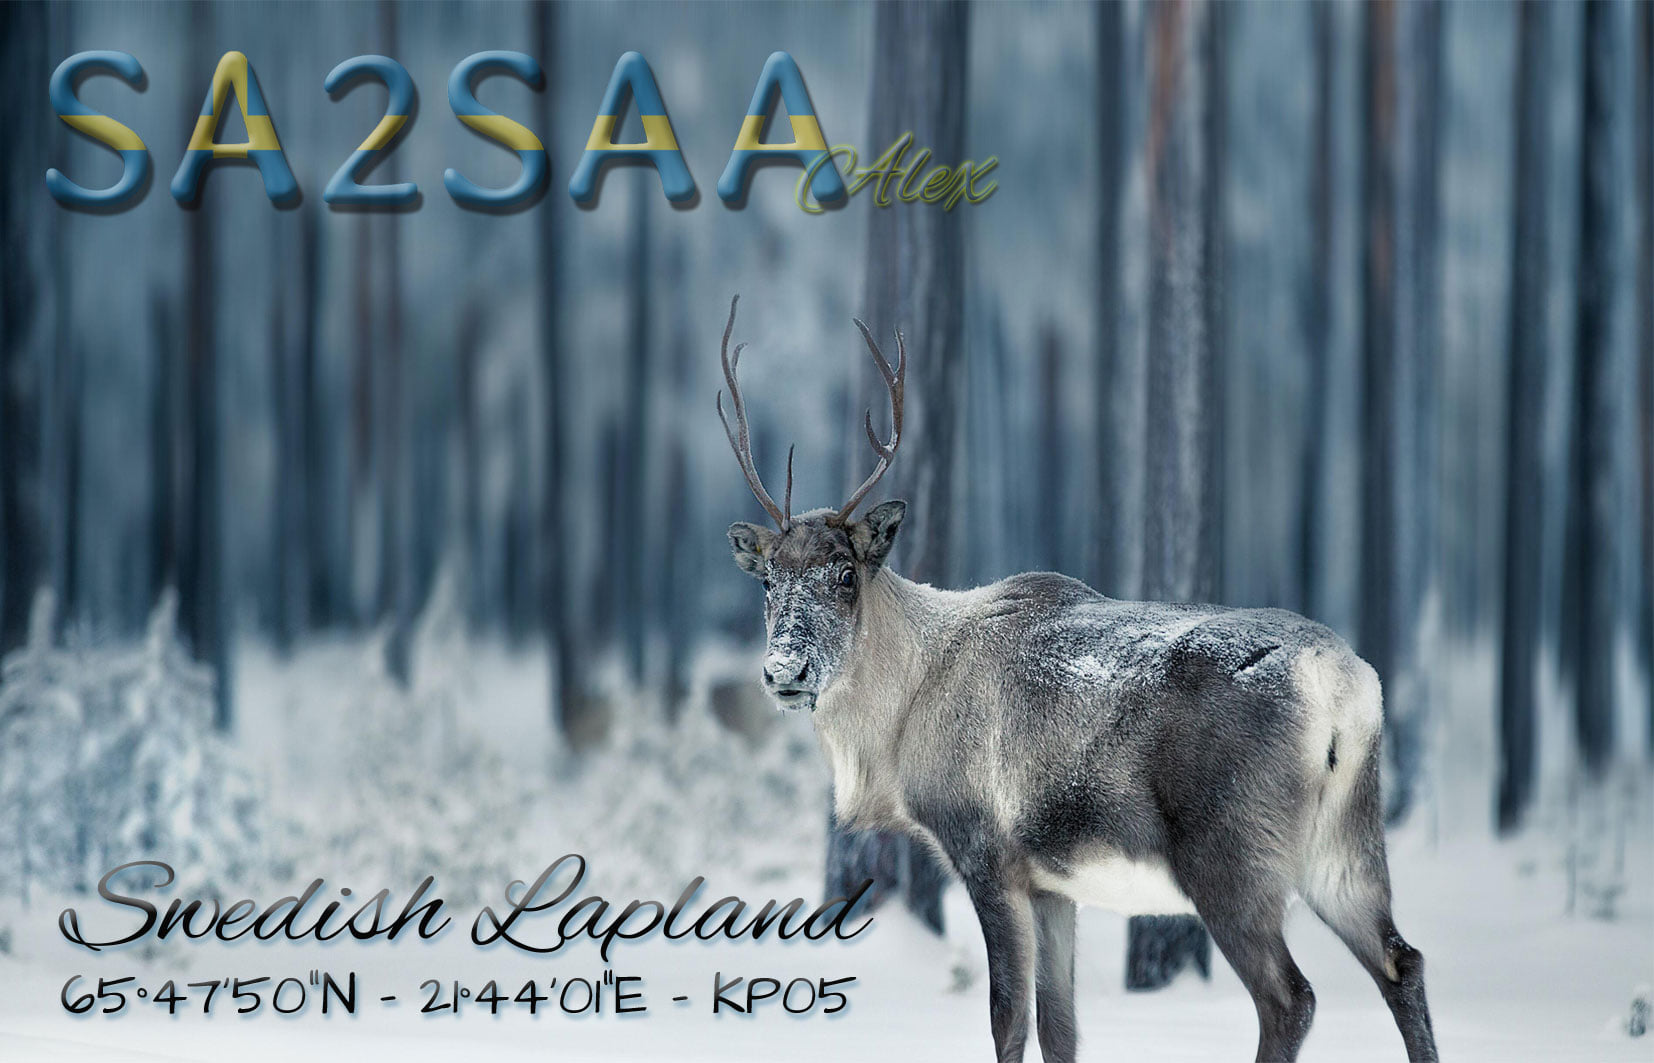 SA2SAA - Personal QSL